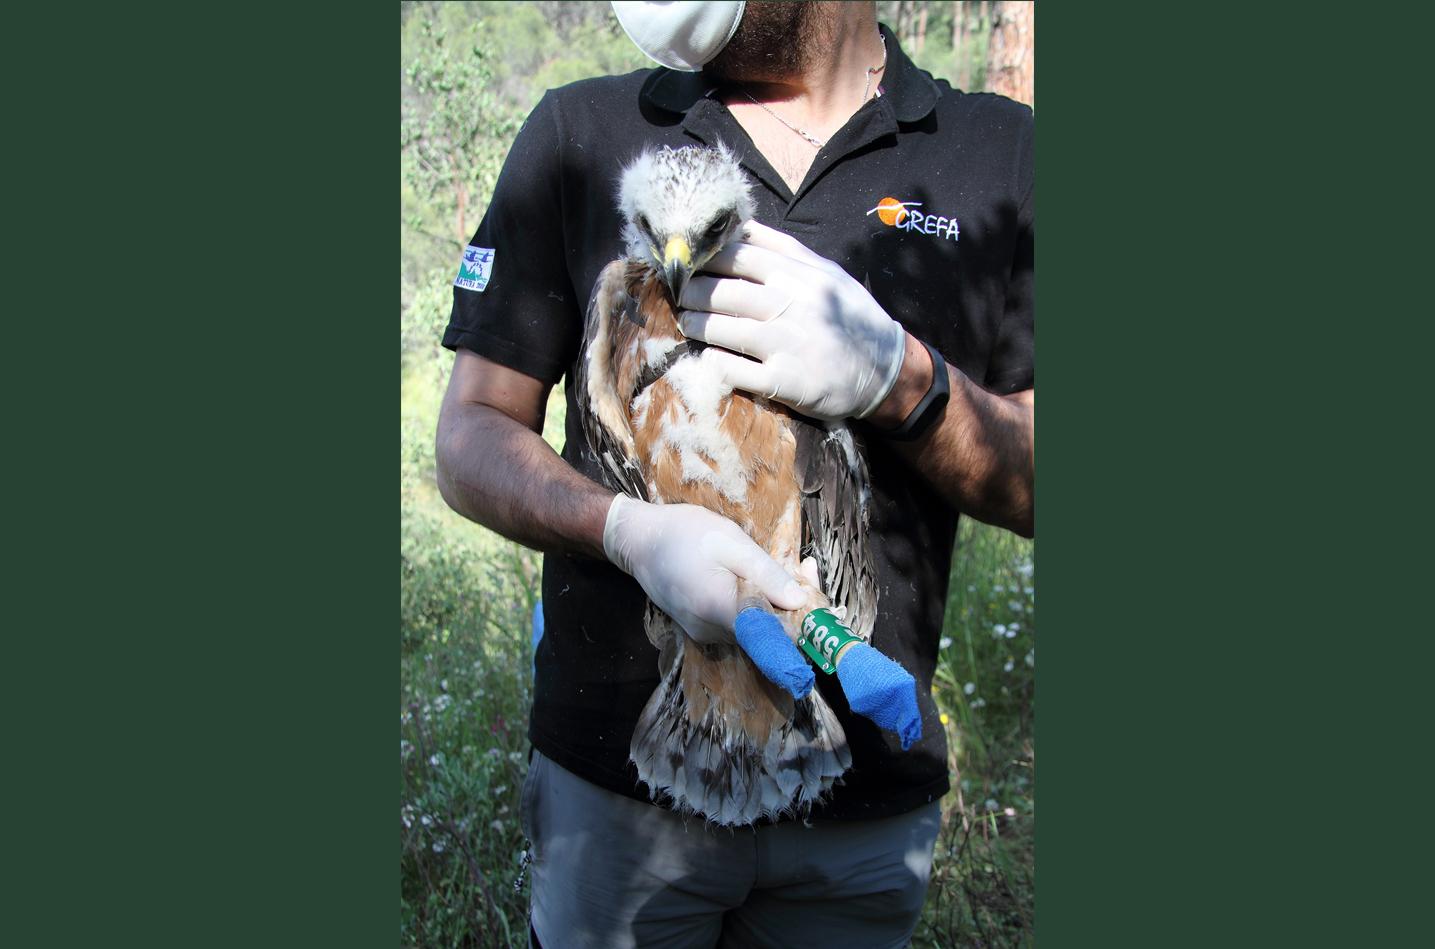 Pollo de águila de Bonelli nacido en 2020 en la Comunidad de Madrid, capturado momentáneamente para colocarle un emisor GPS. Imagen: Grefa